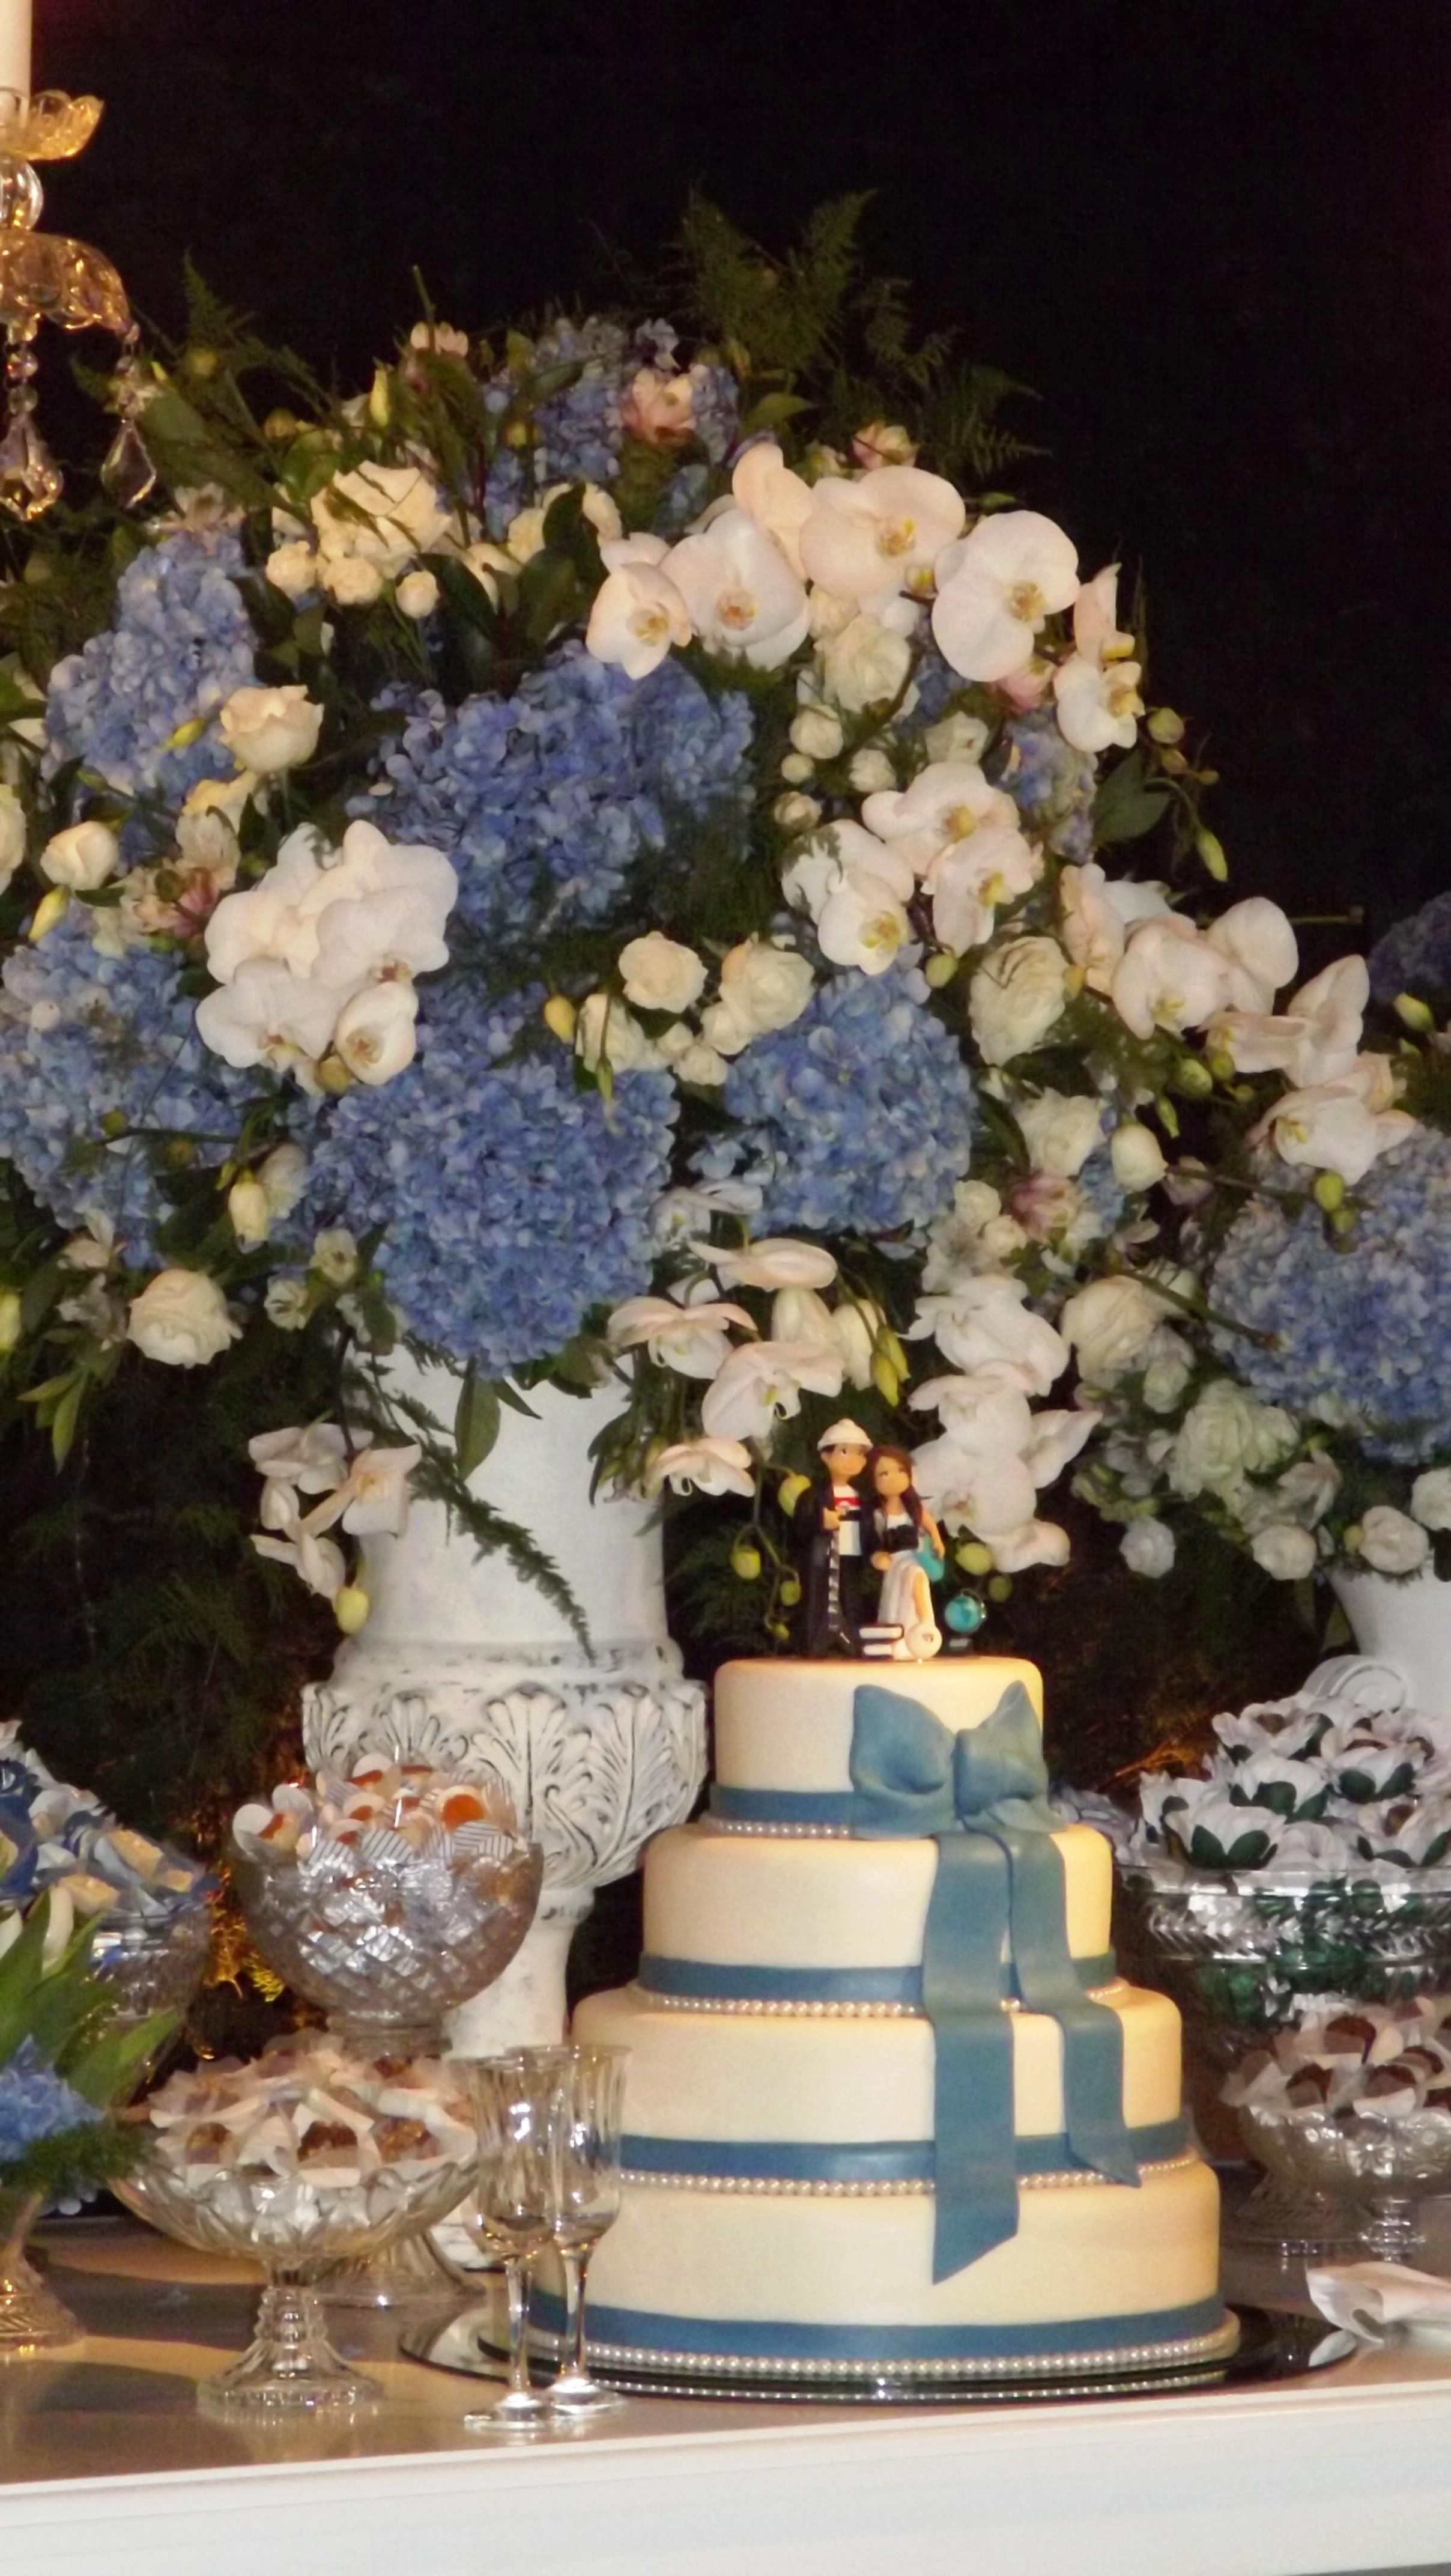 casamento-azul-e-branco-19